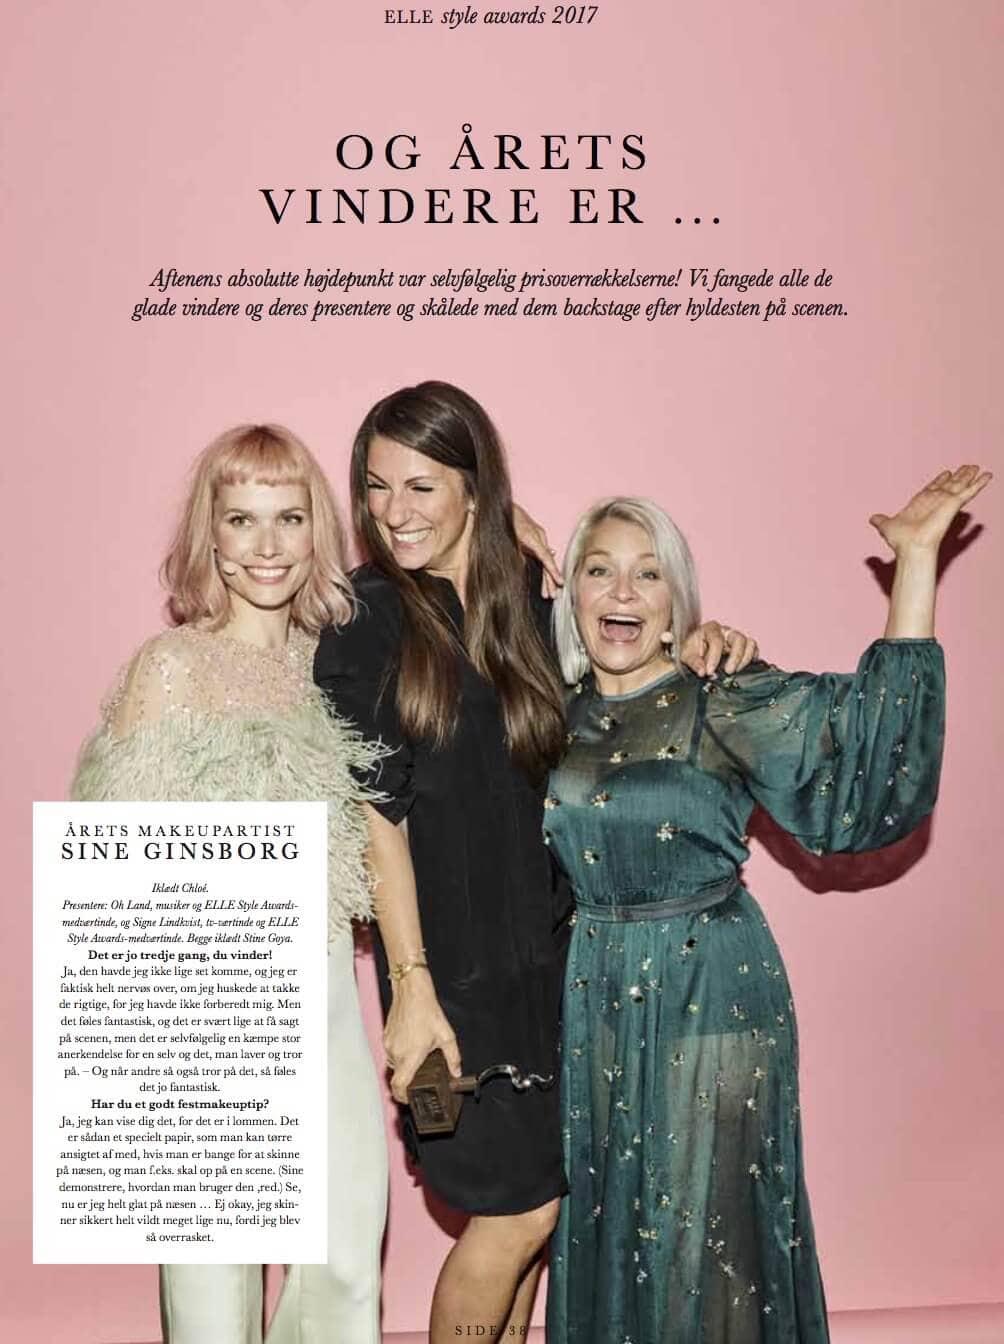 Artikler, ELLE Style Awards 2017,